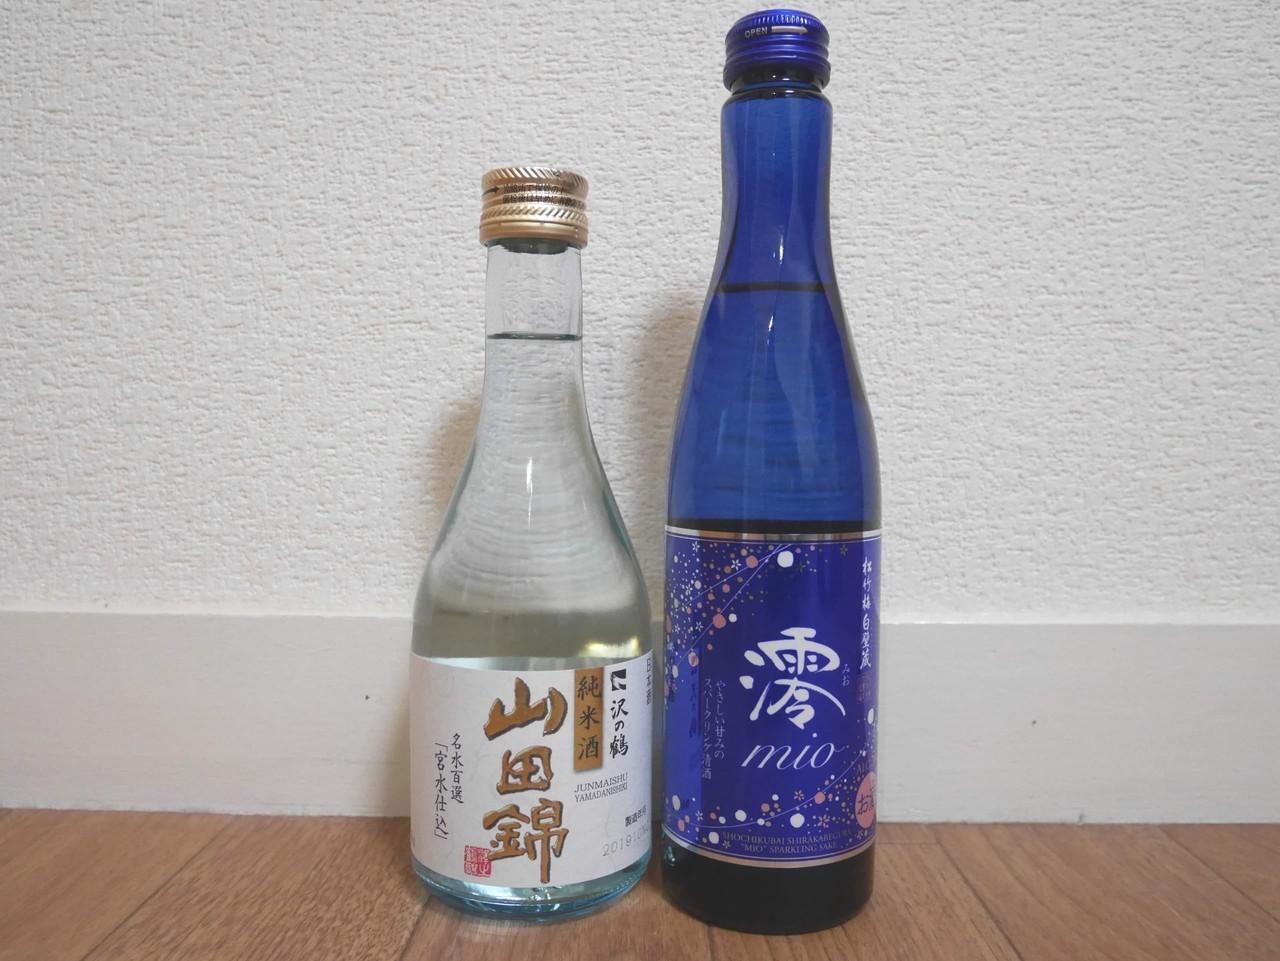 宝酒造さんの「澪」と沢の鶴さんの「山田錦」